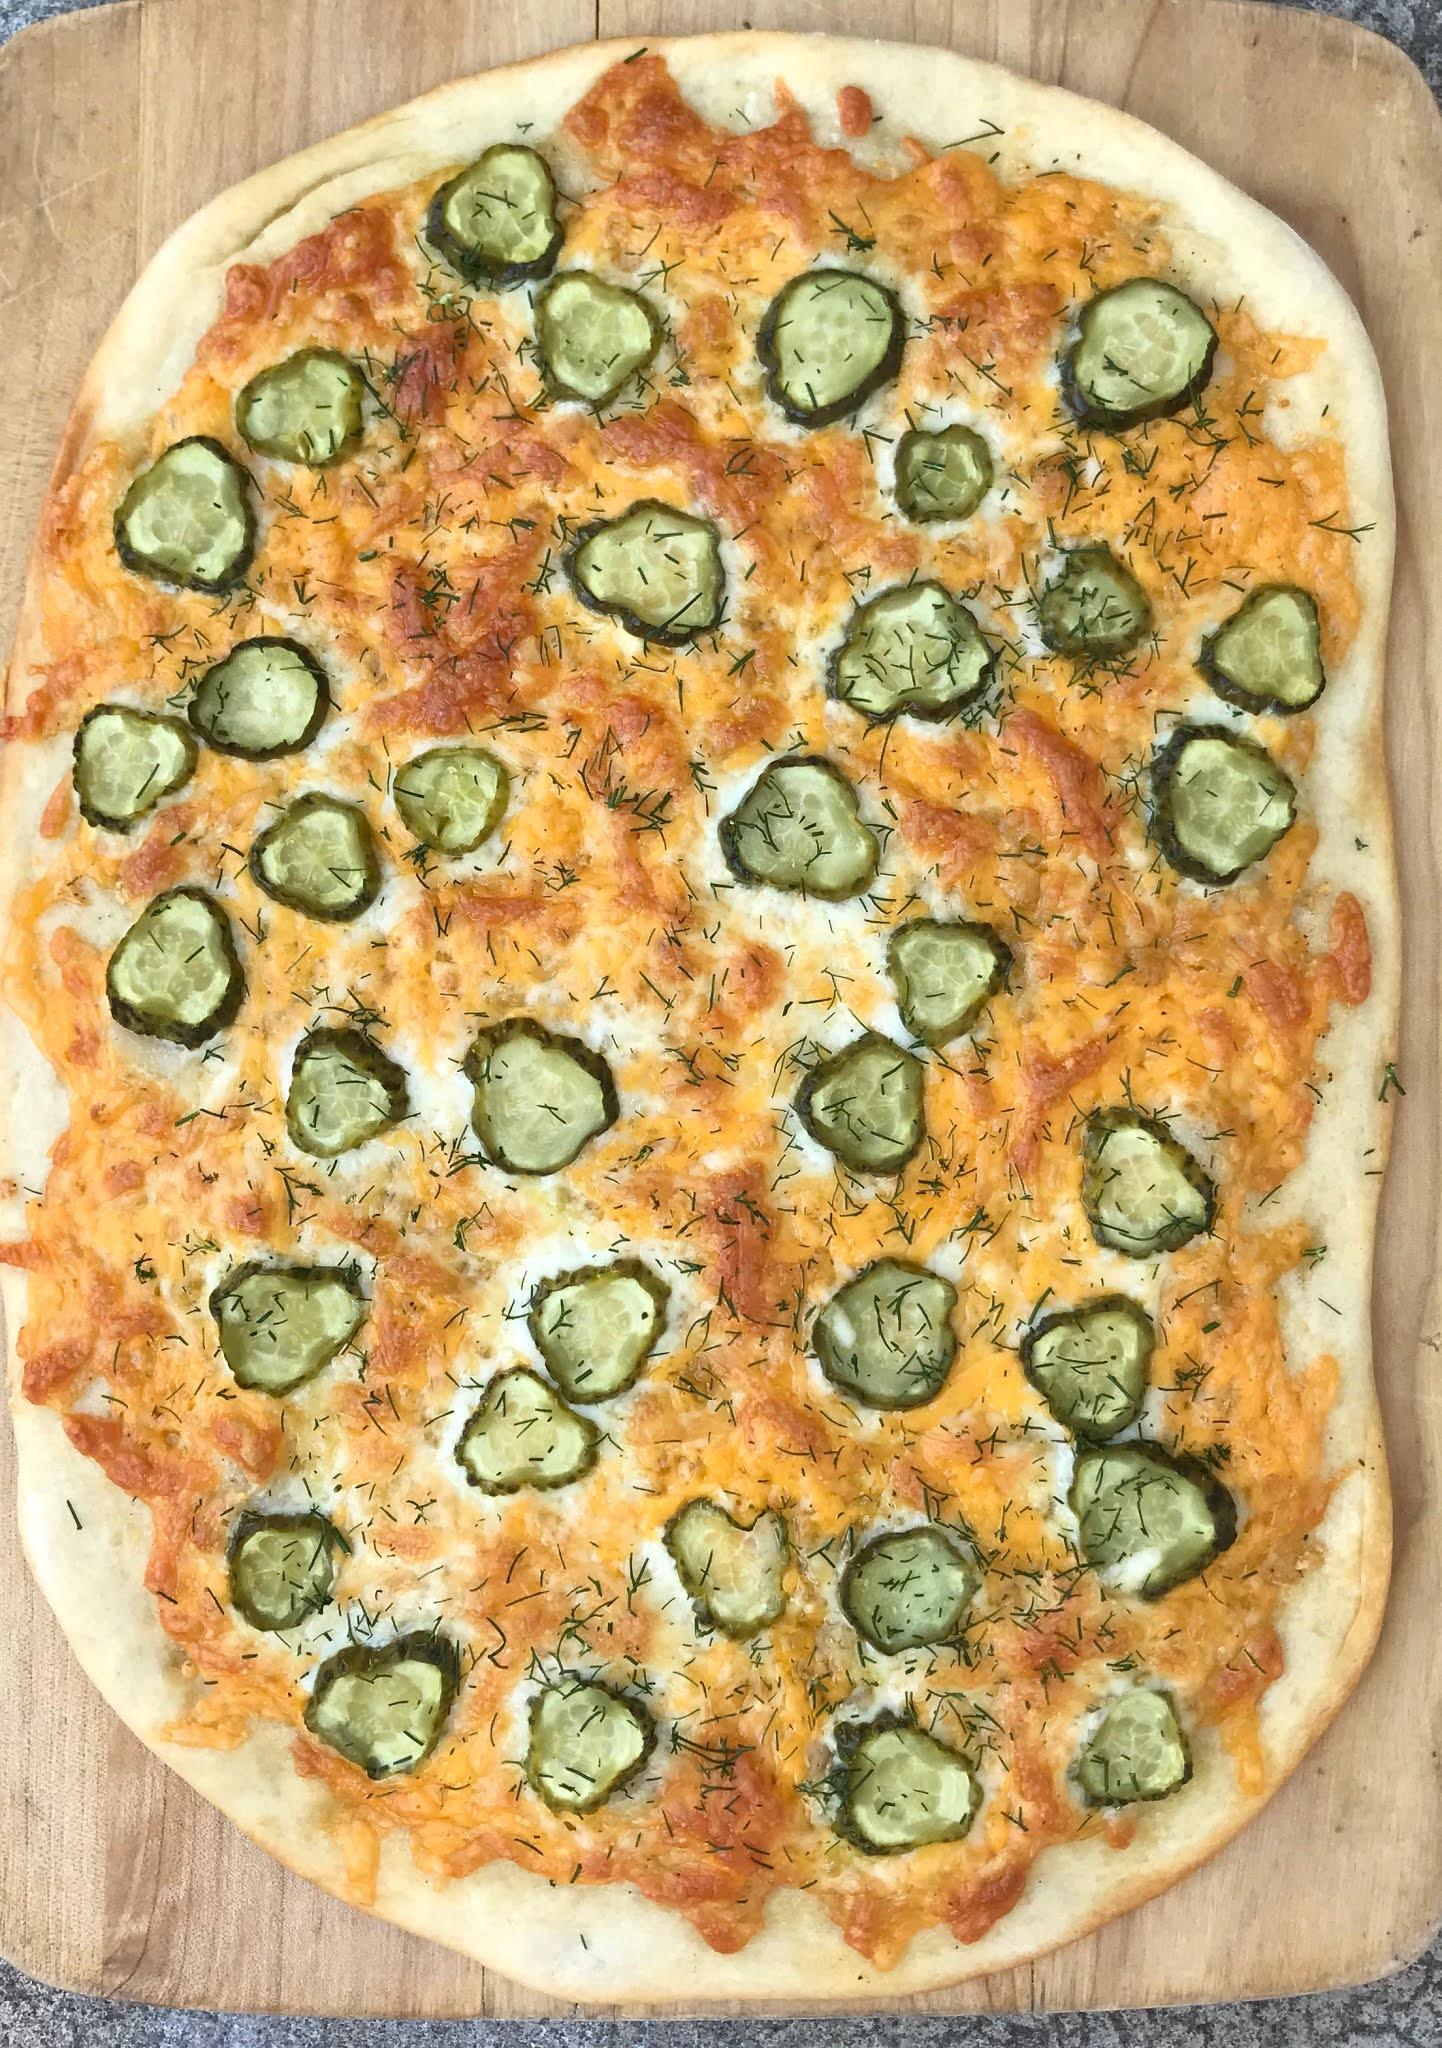 Garlic Dill Pickle Pizza